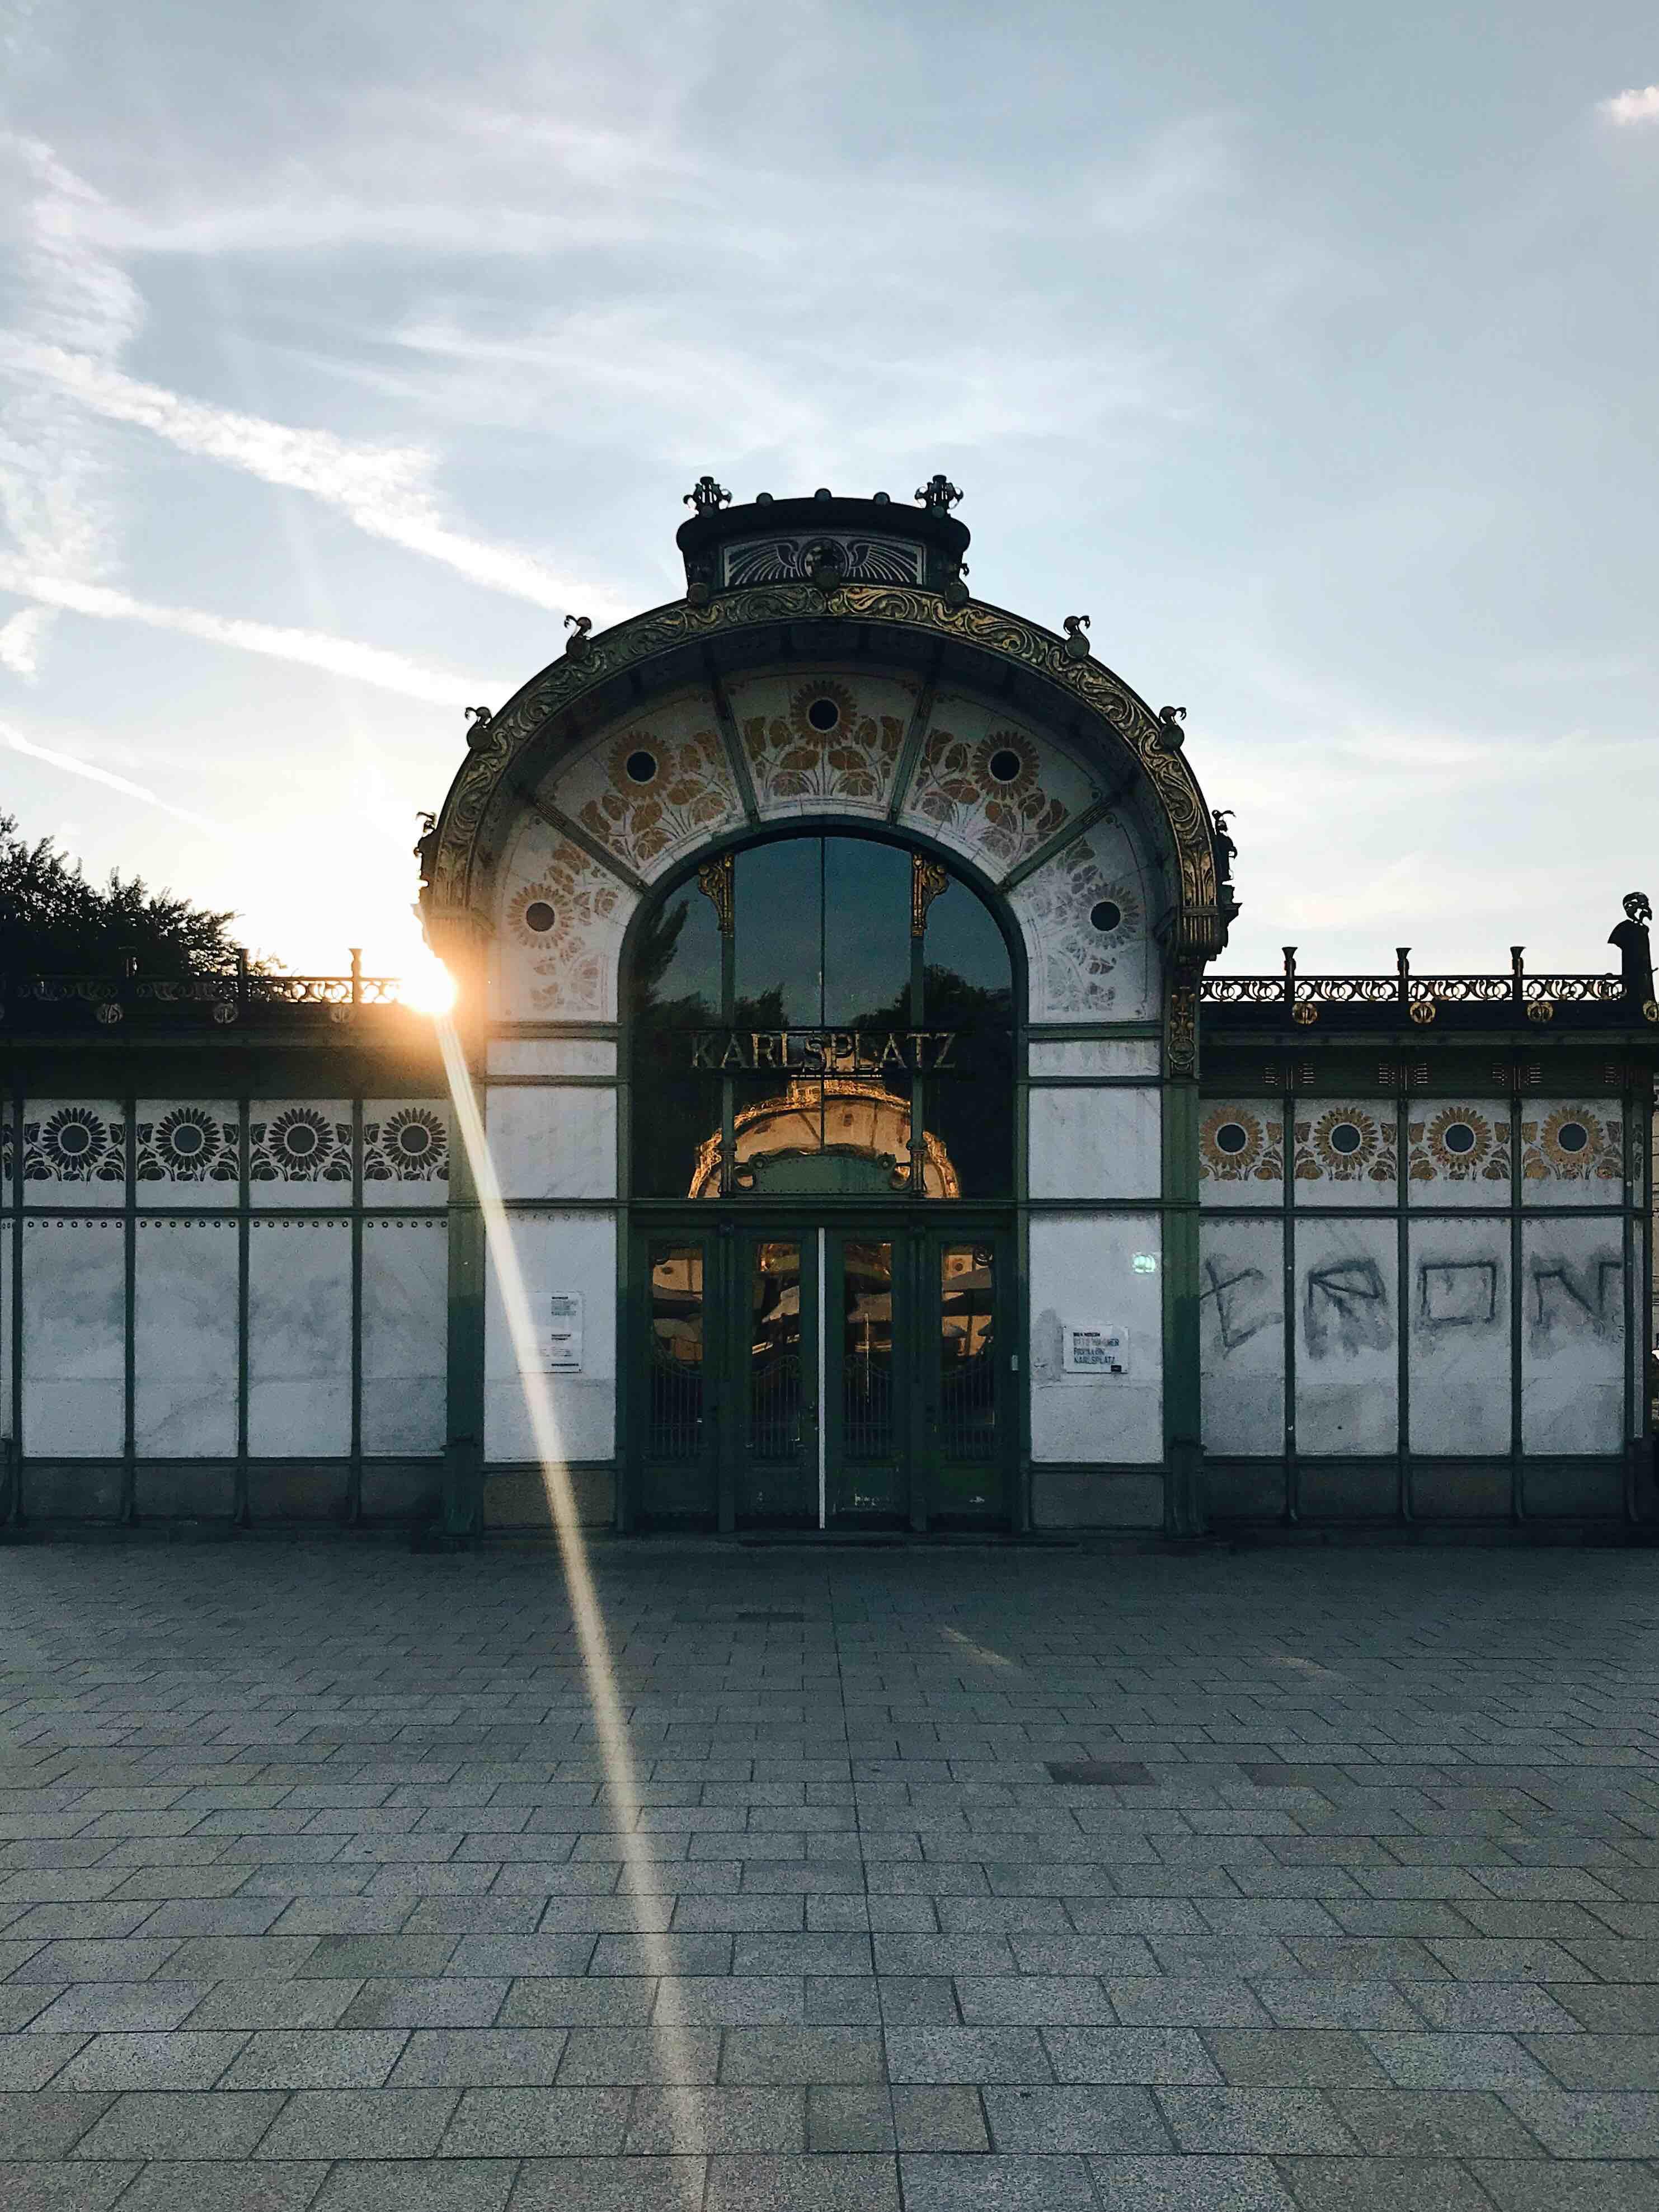 Una settimana a Vienna: Otto Wagner Pavillon